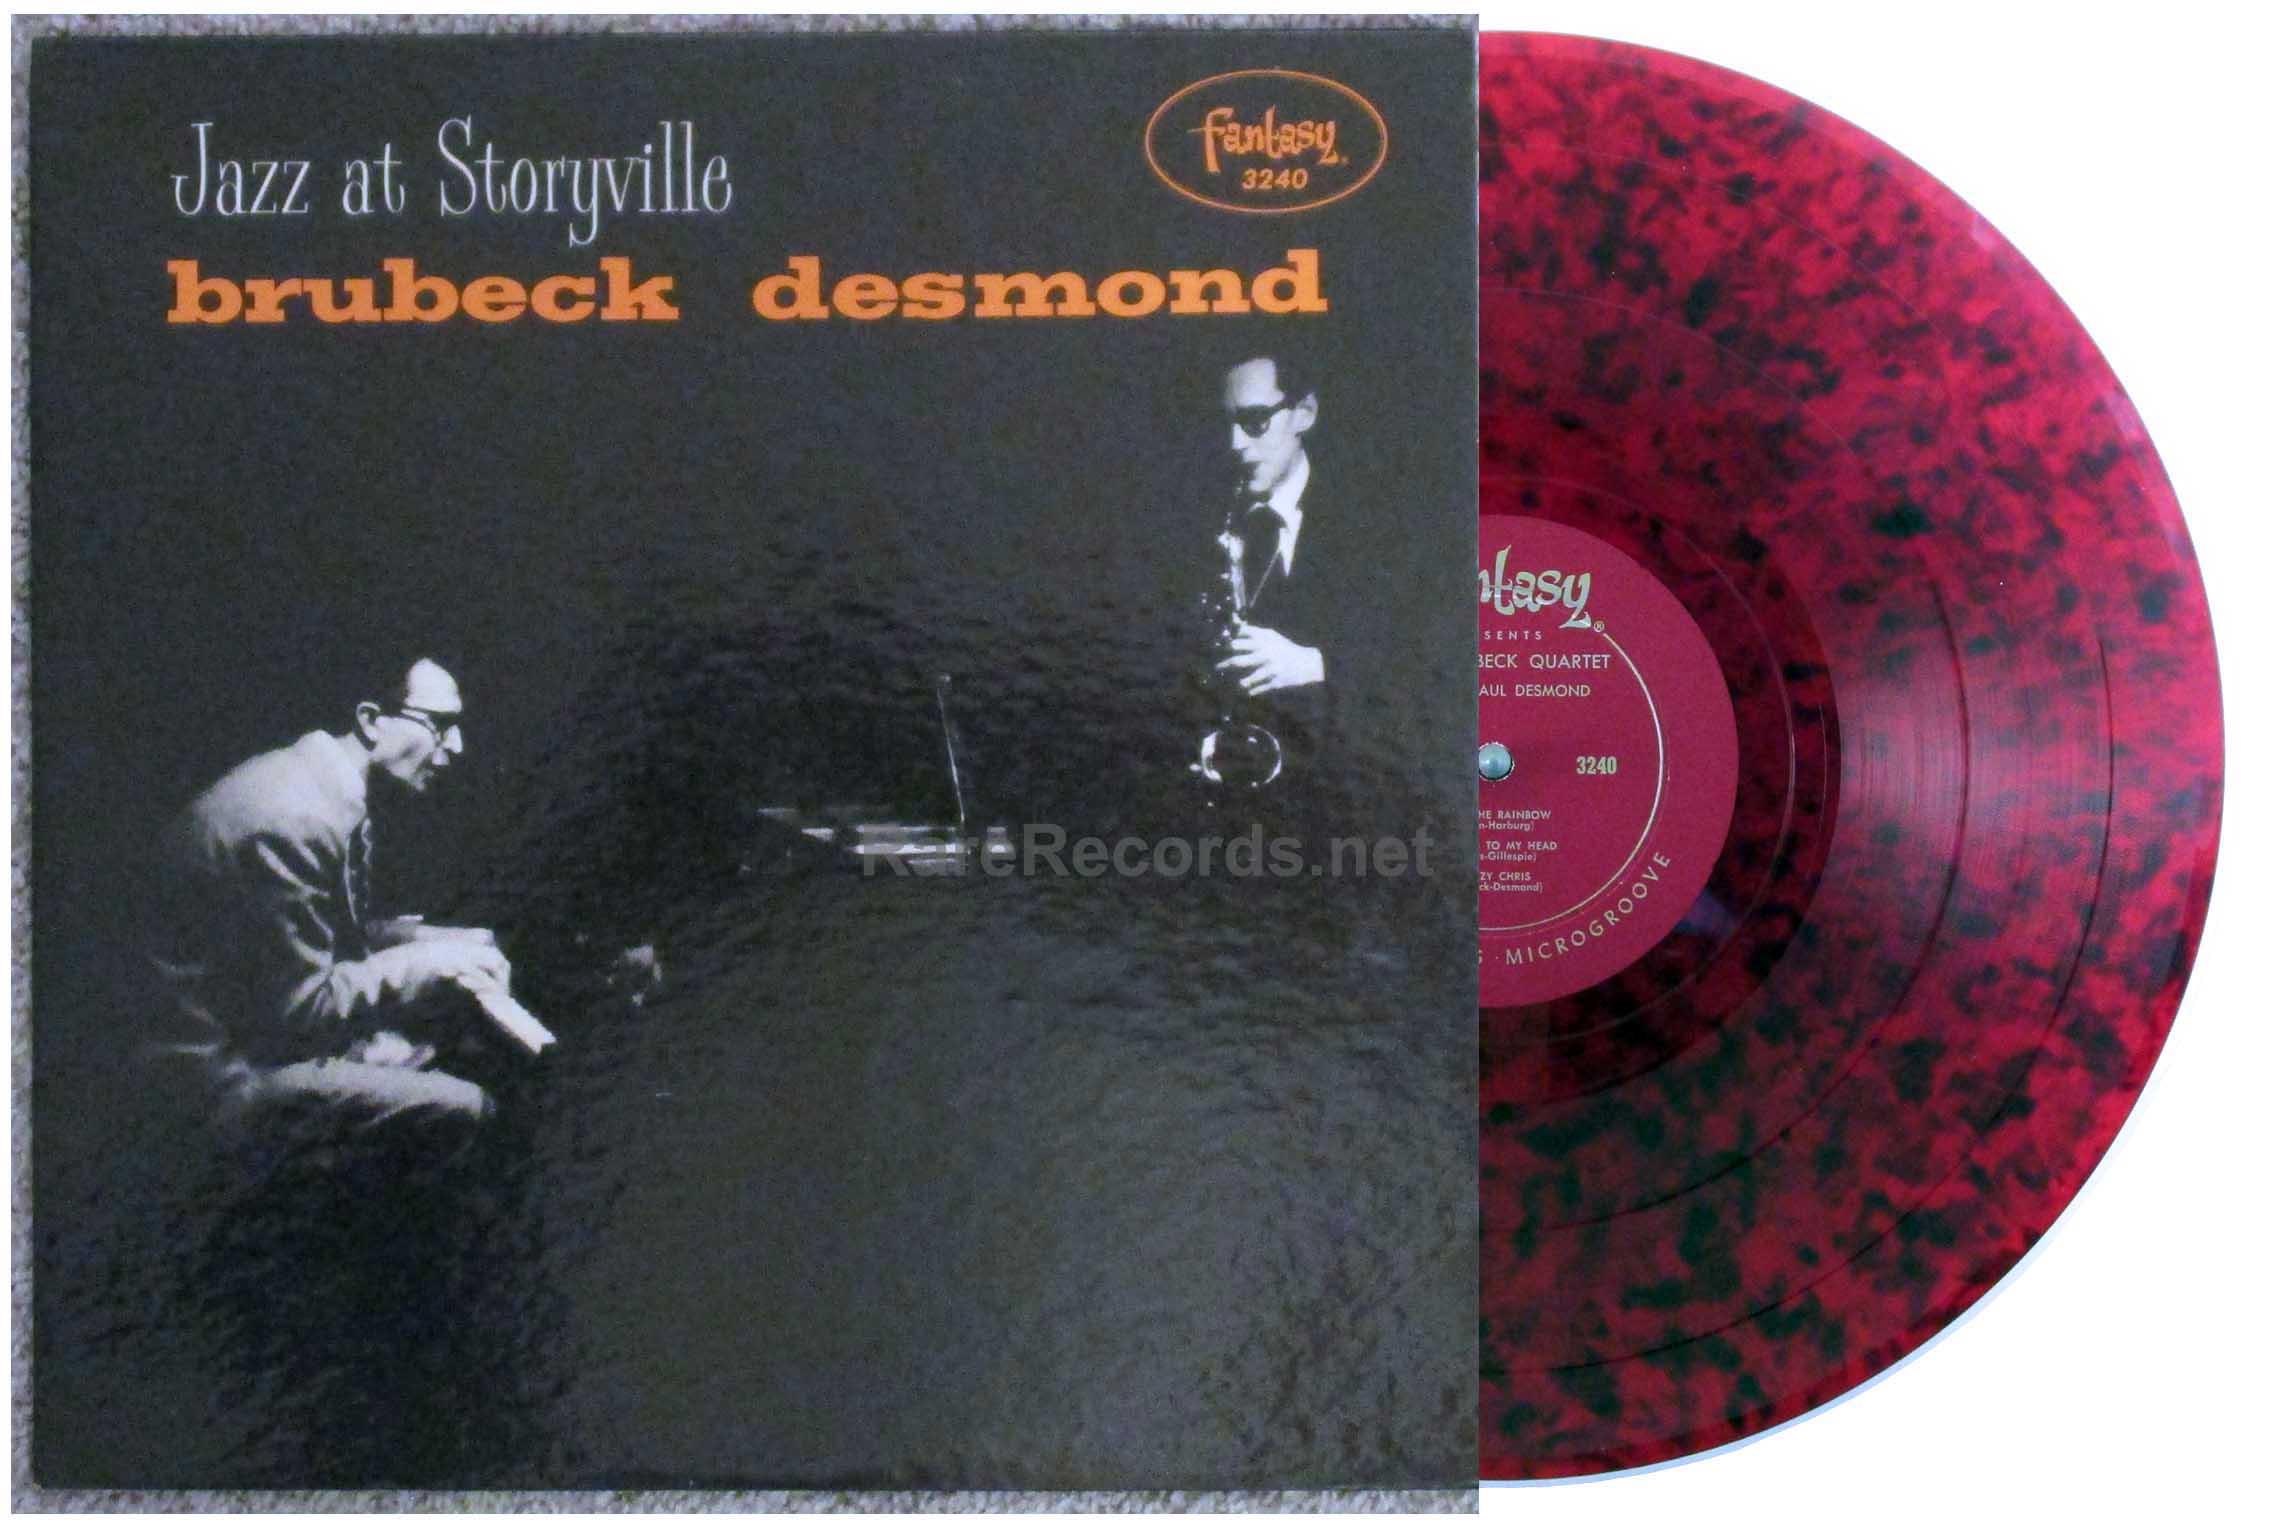 dave brubeck/paul desmond - jazz at storyville red marbled vinyl U.S. lp